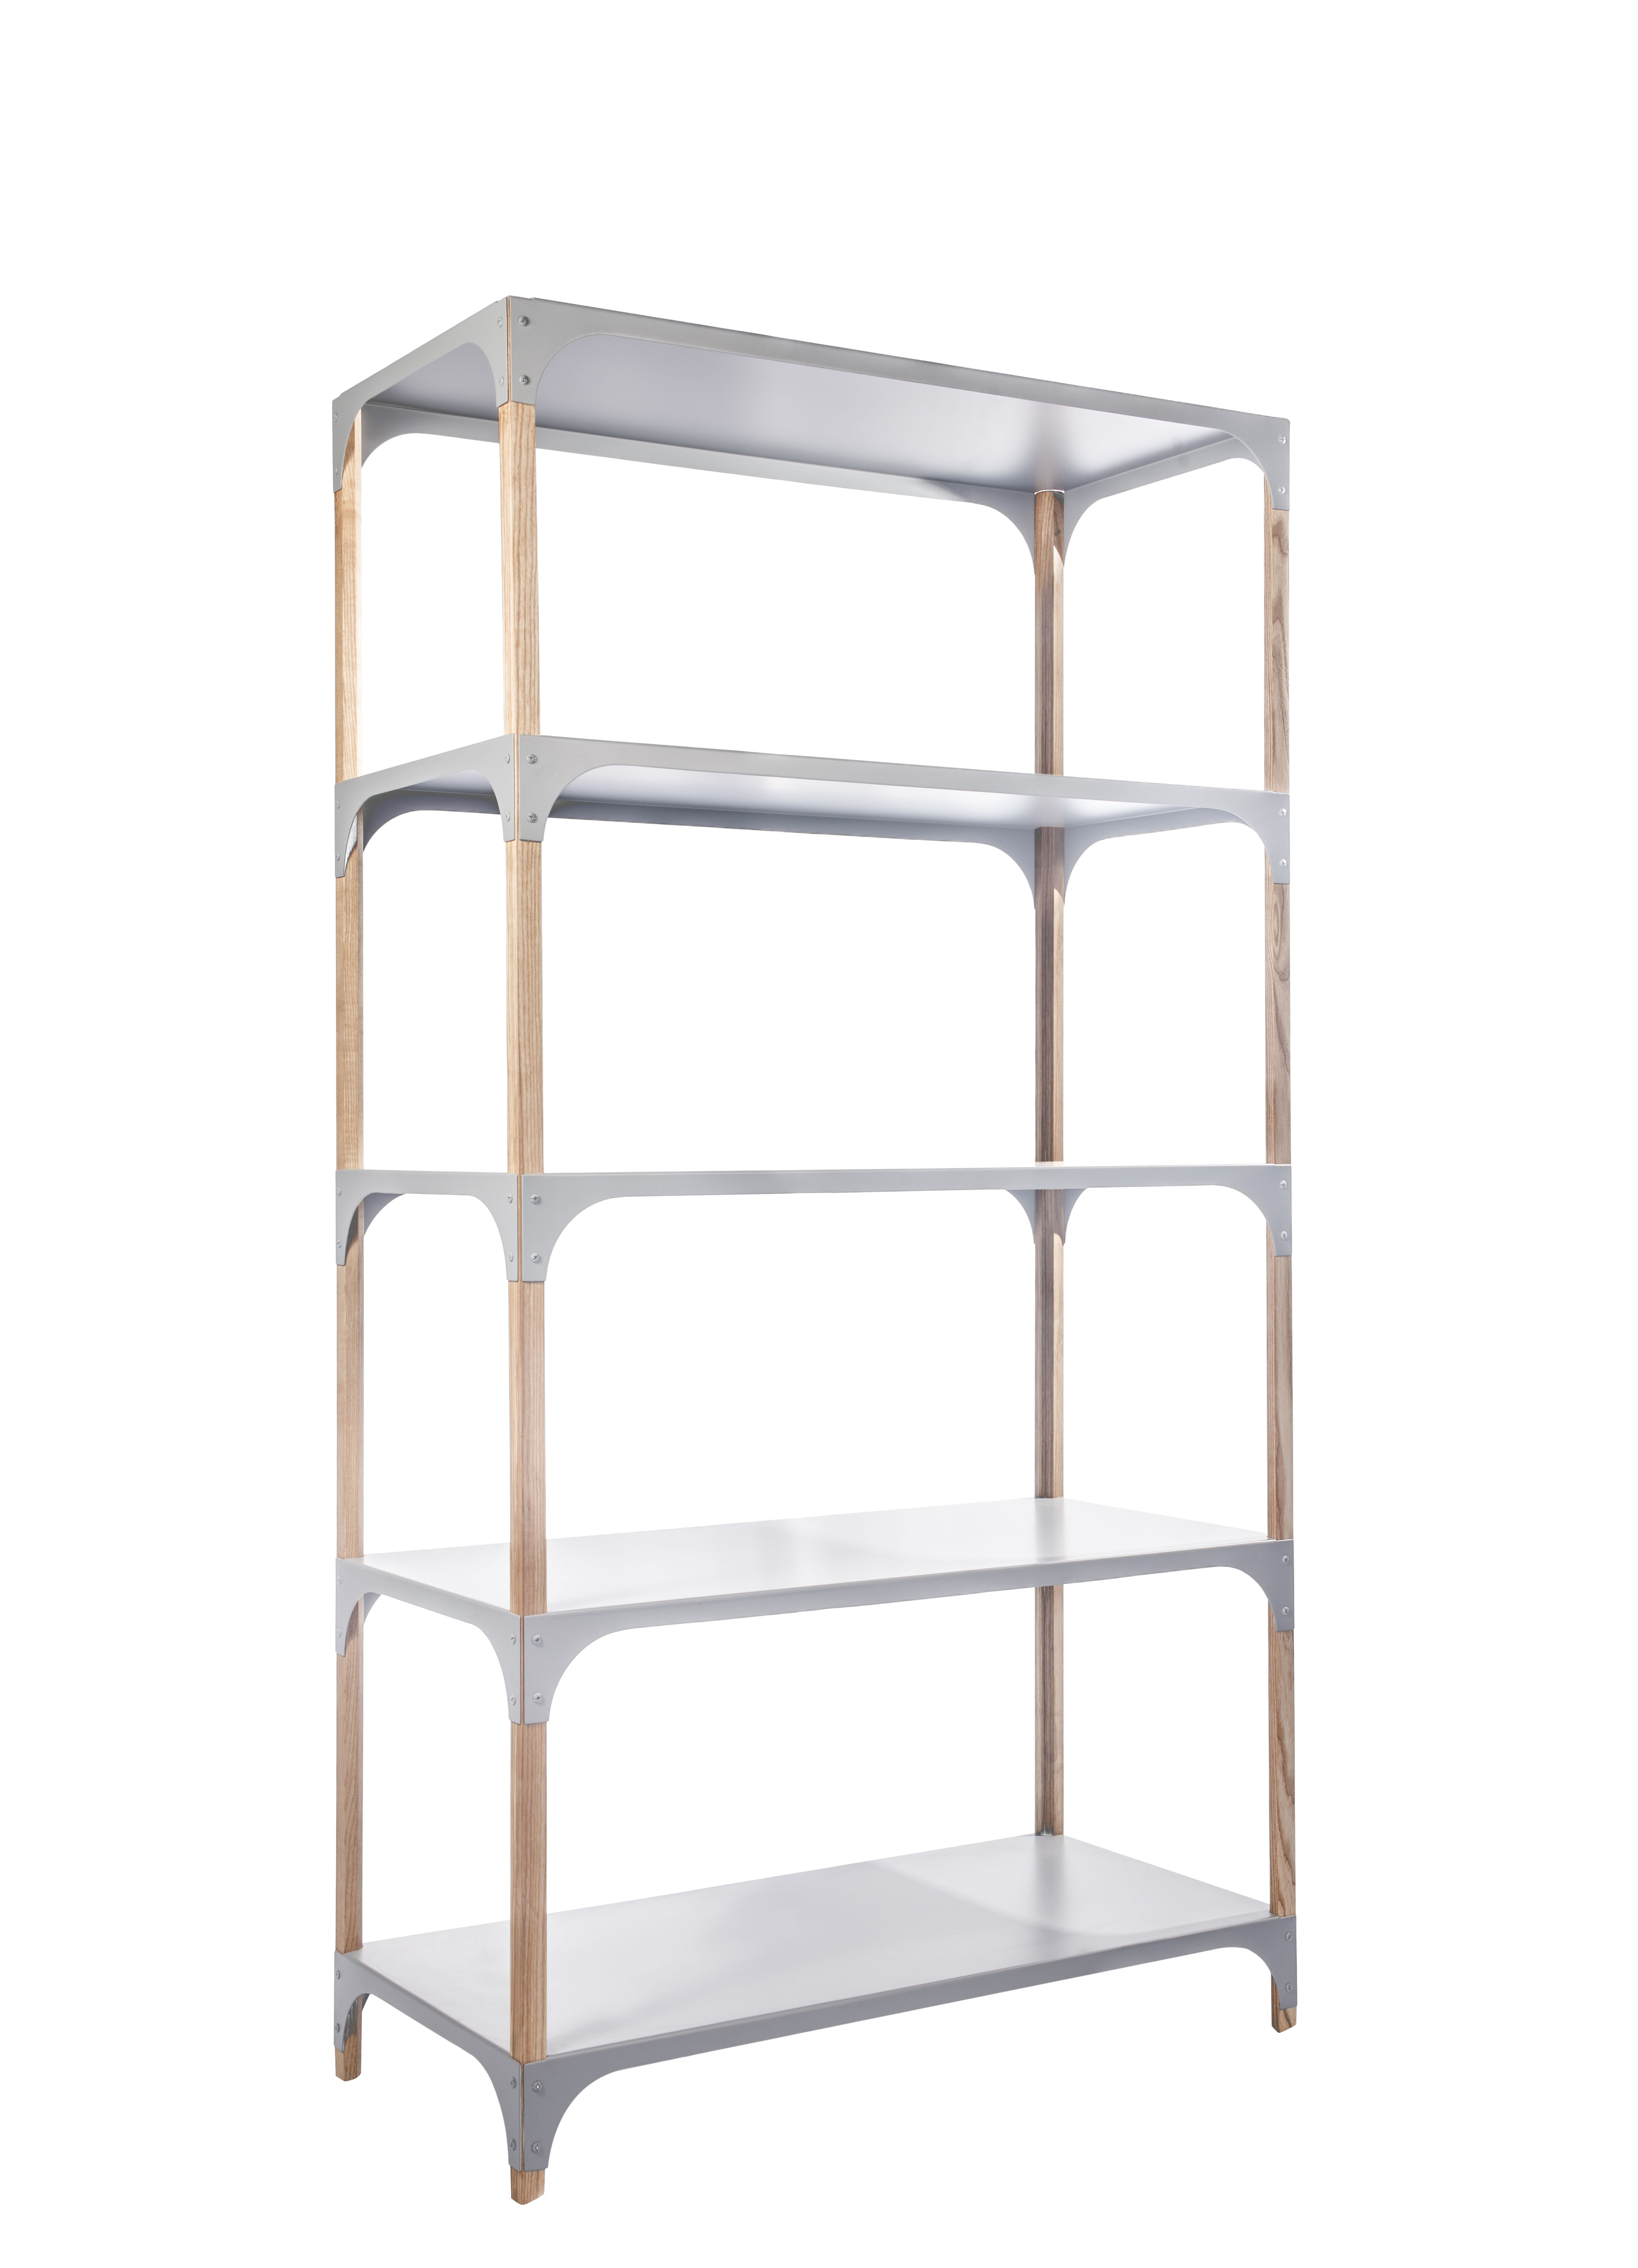 Arredamento - Scaffali e librerie - Scaffale Pop-Up - / L 85 x H 160 cm di Bibelo - Grigio / Frassino - Frassino massello, Metallo